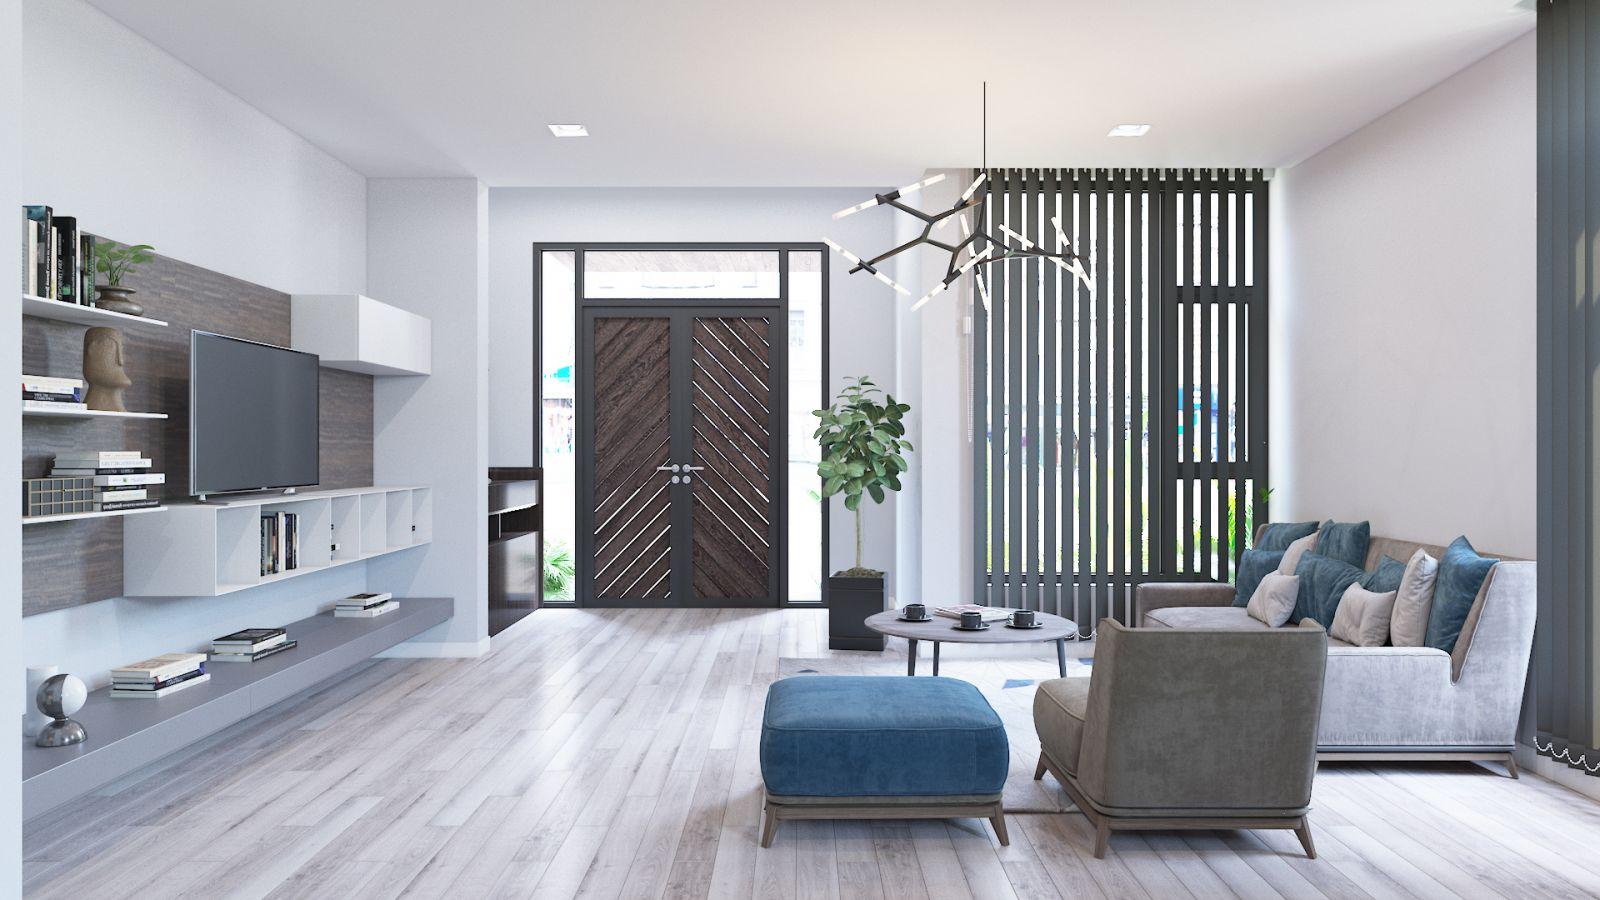 thiết kế nội thất chung cư Iris Garden Tower